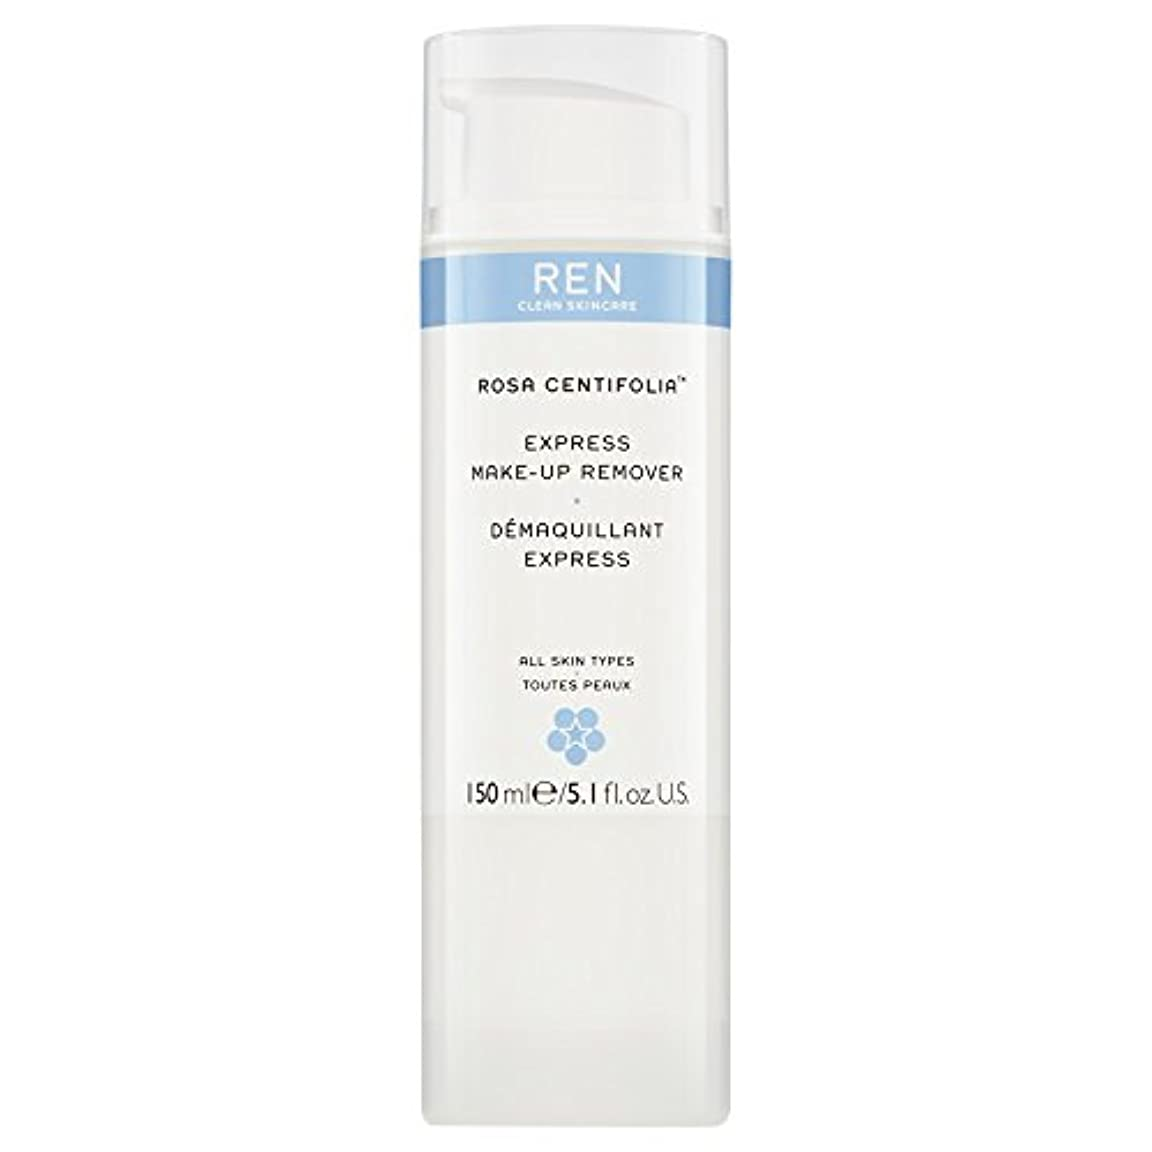 彼の横誘うRenローザセンチフォリアバラメイクアップリムーバー150ミリリットル (REN) (x2) - REN Rosa Centifolia Makeup Remover 150ml (Pack of 2) [並行輸入品]